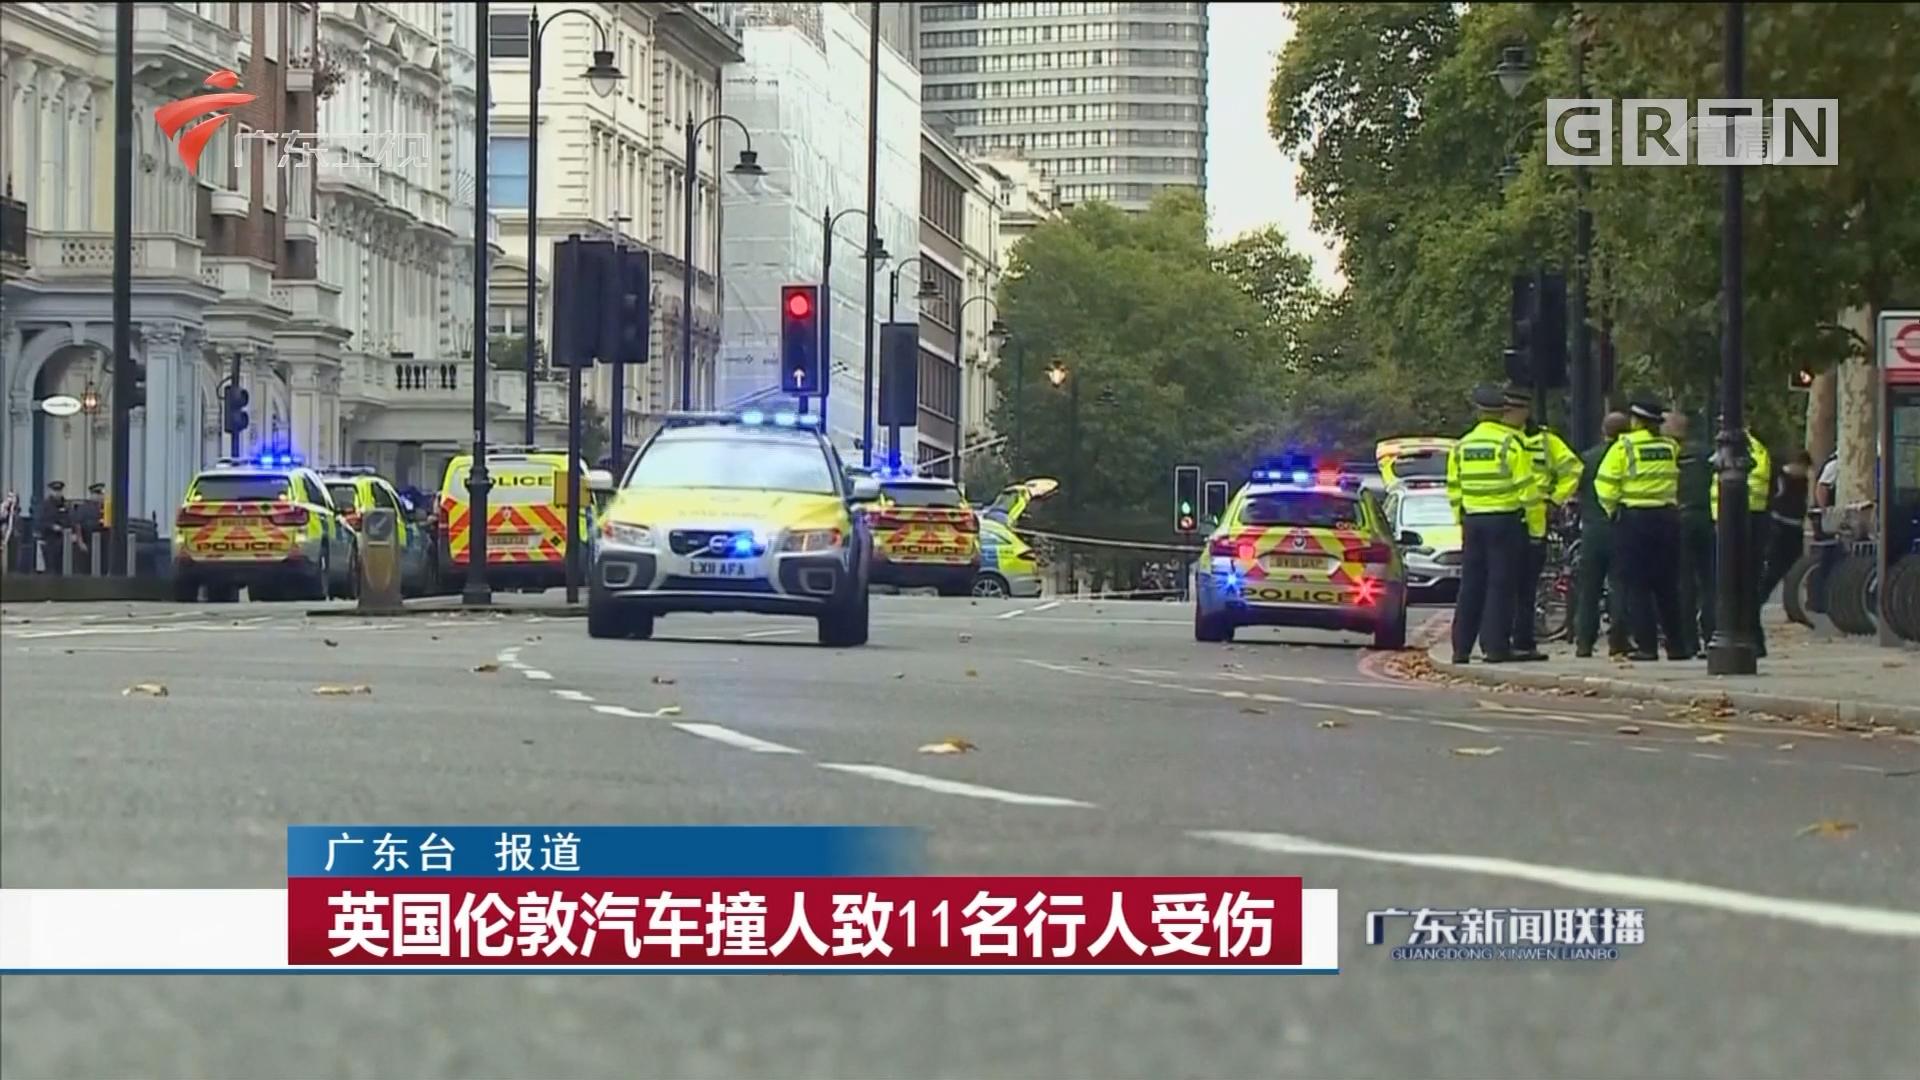 英国伦敦汽车撞人致11名行人受伤